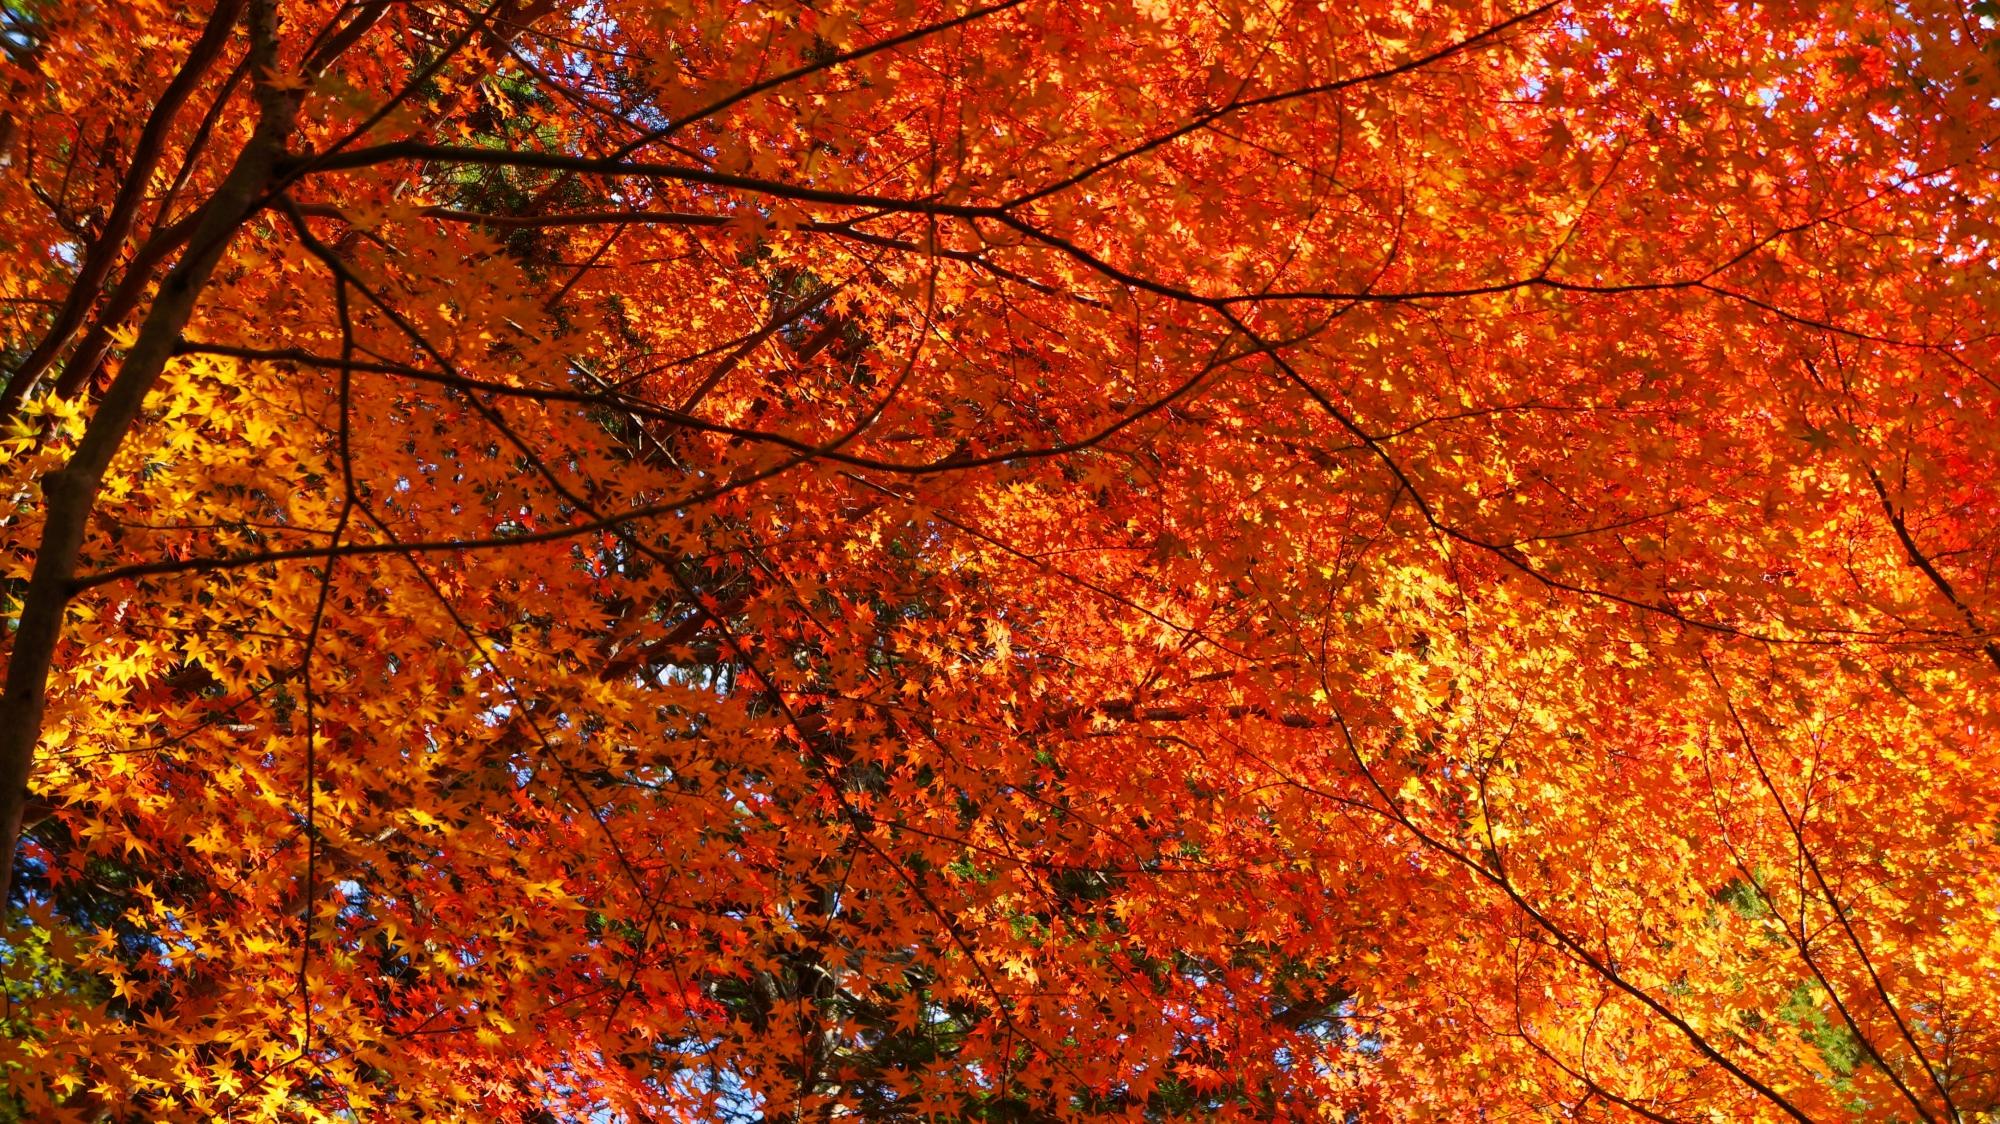 空をつつむ鮮やかに輝く紅葉